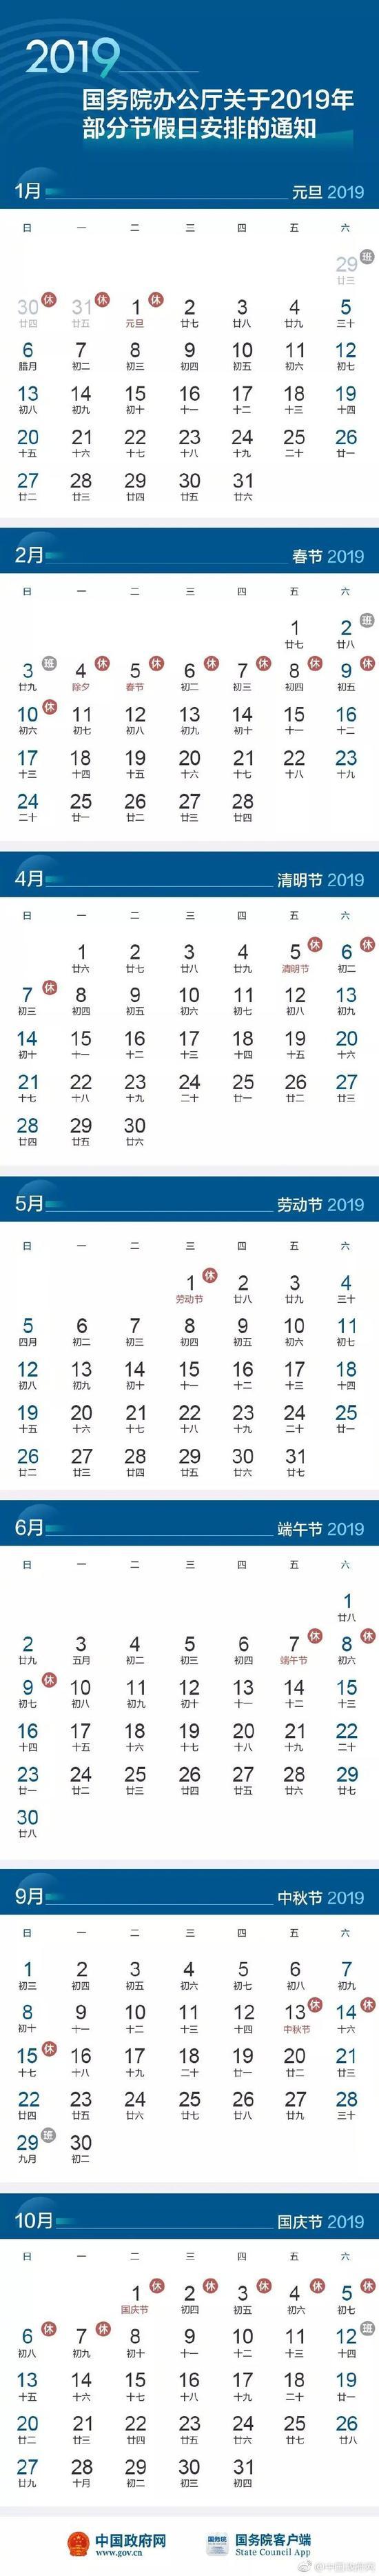 图片来源:中国政府网微博